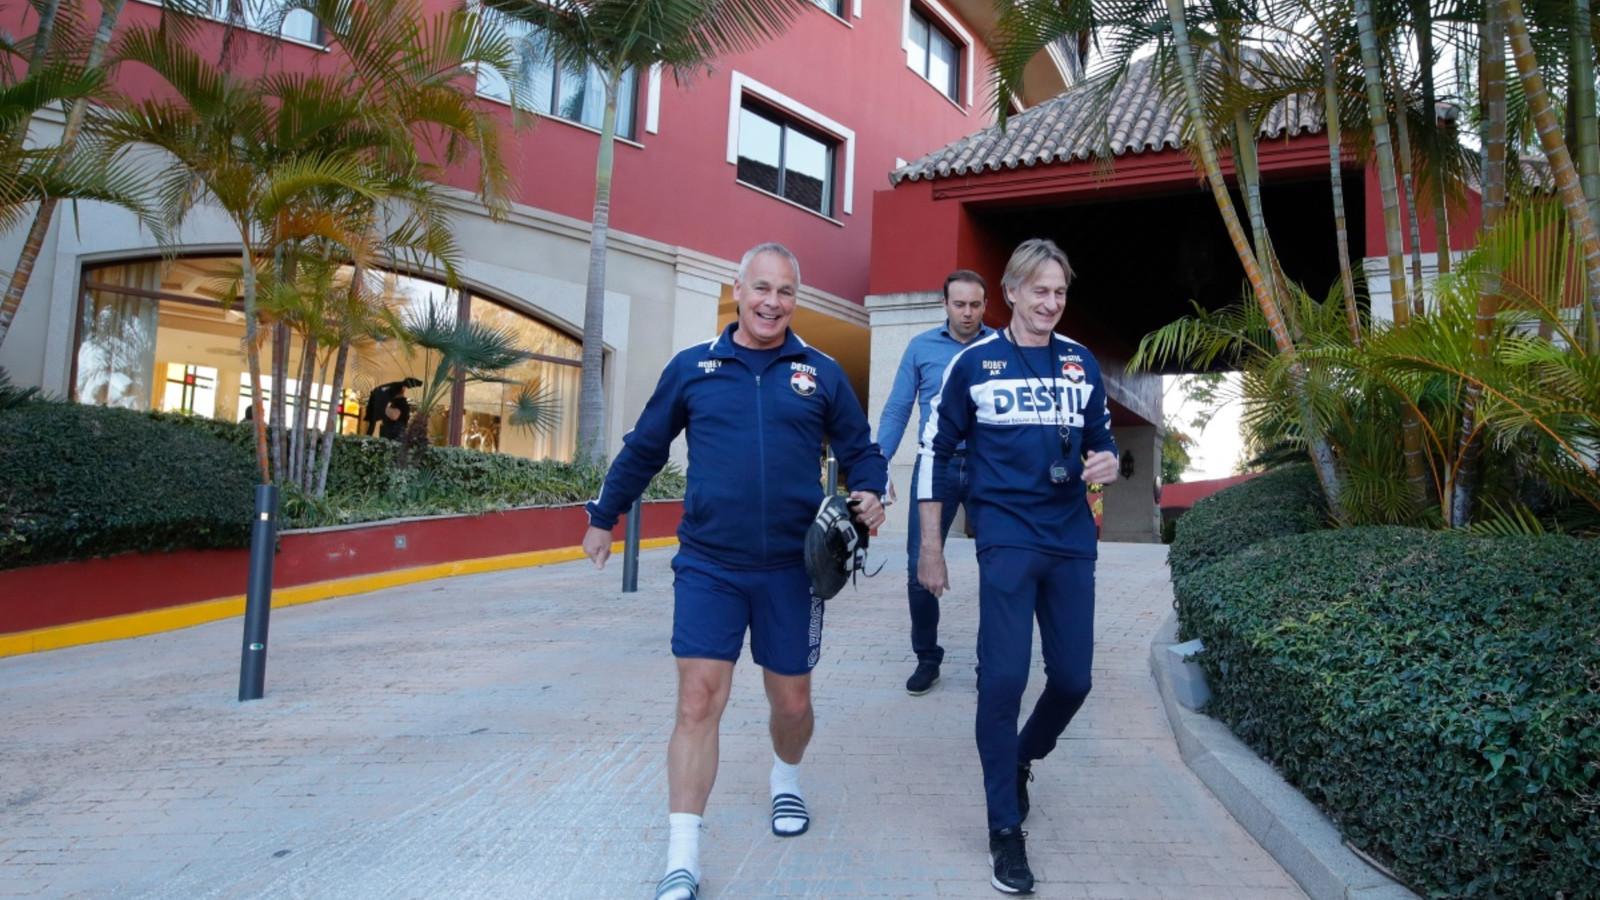 Gery Vink, Joris Mathijsen en Adrie Koster in Marbella.